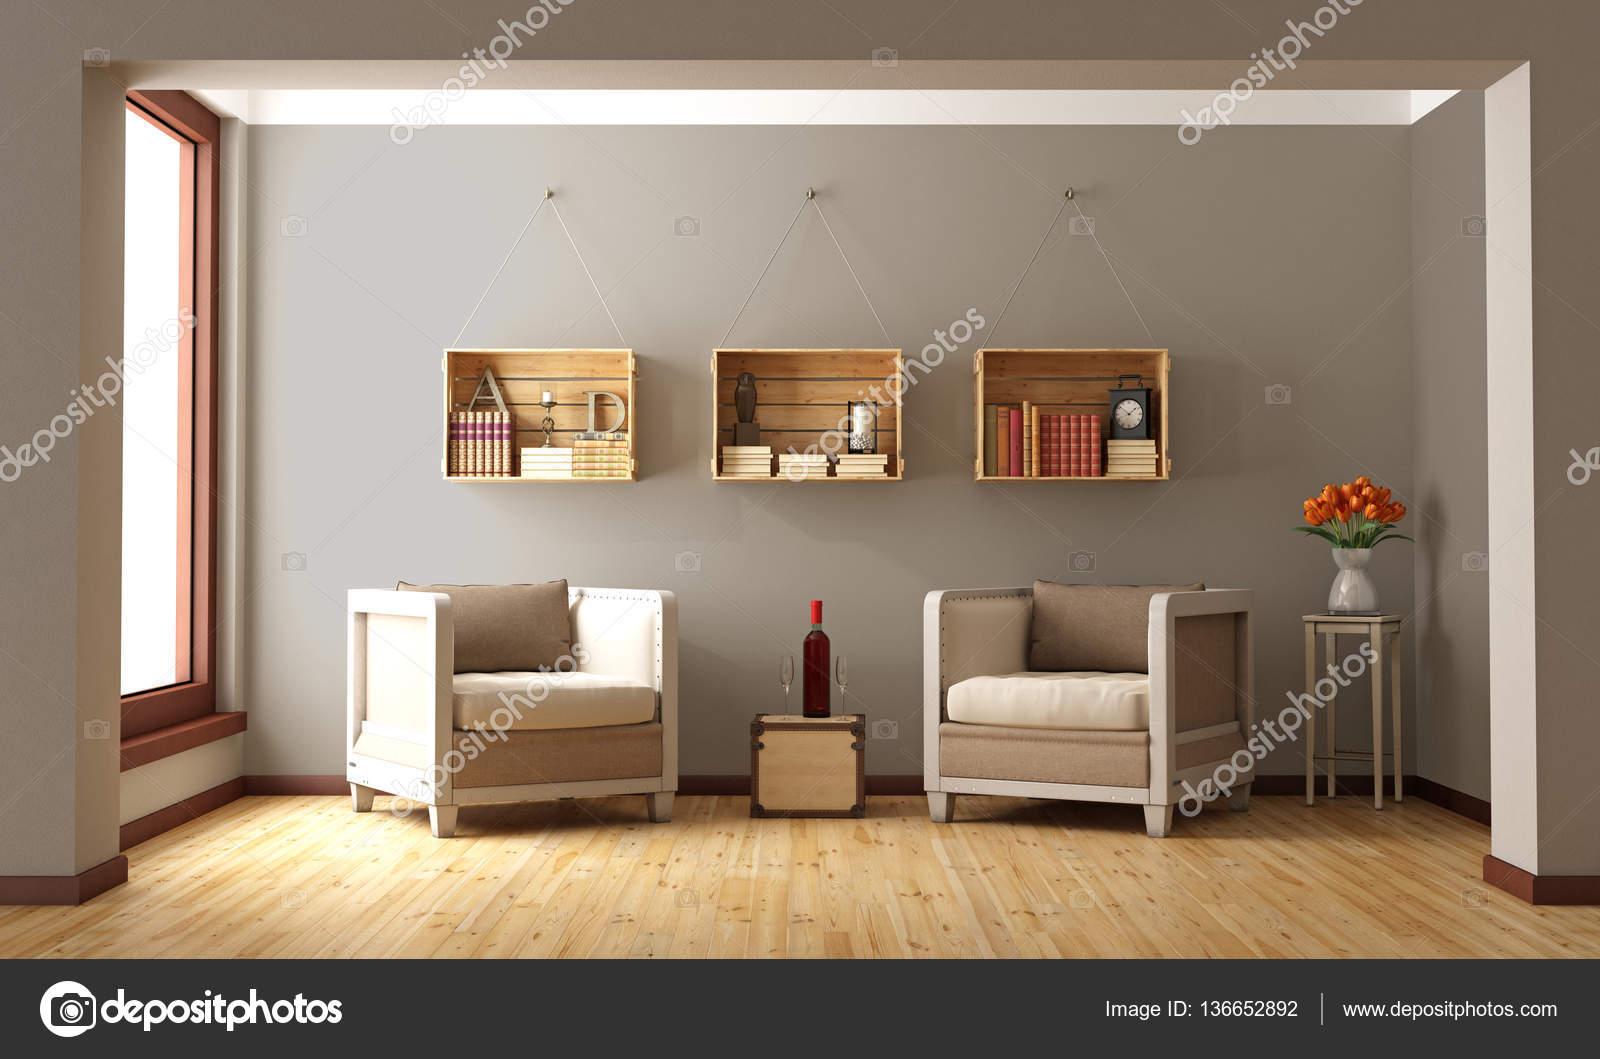 Twee Klassieke Fauteuils.Klassiek Interieur Met Twee Fauteuil Stockfoto C Archideaphoto